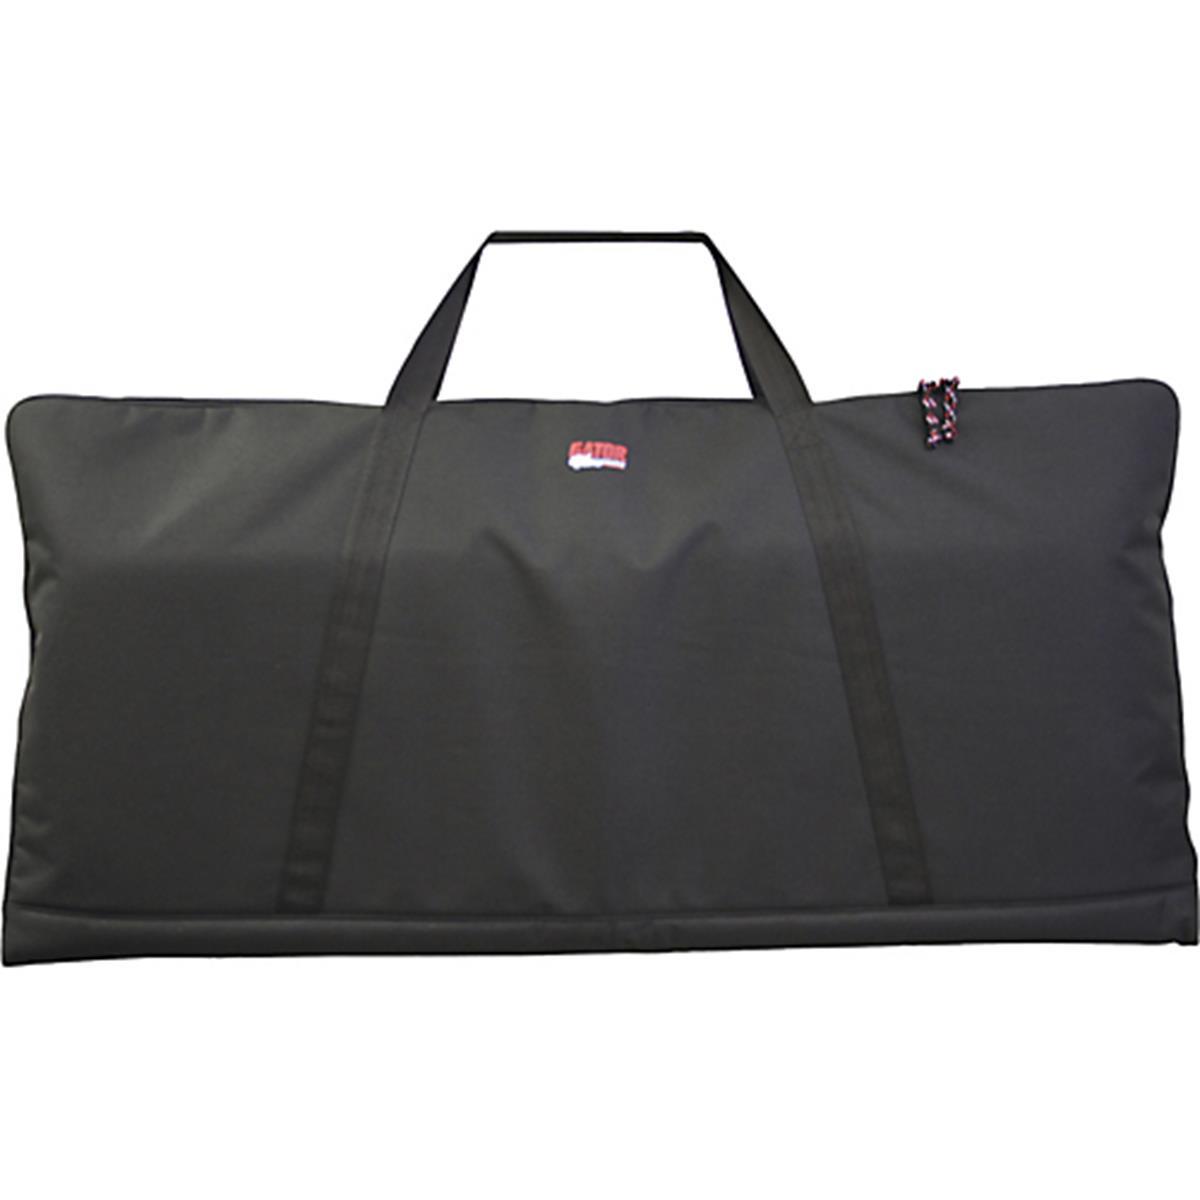 Gator Cases GKBE-61 - borsa per tastiera 61 tasti - Dj Equipment Accessori - Borse e Custodie DJ